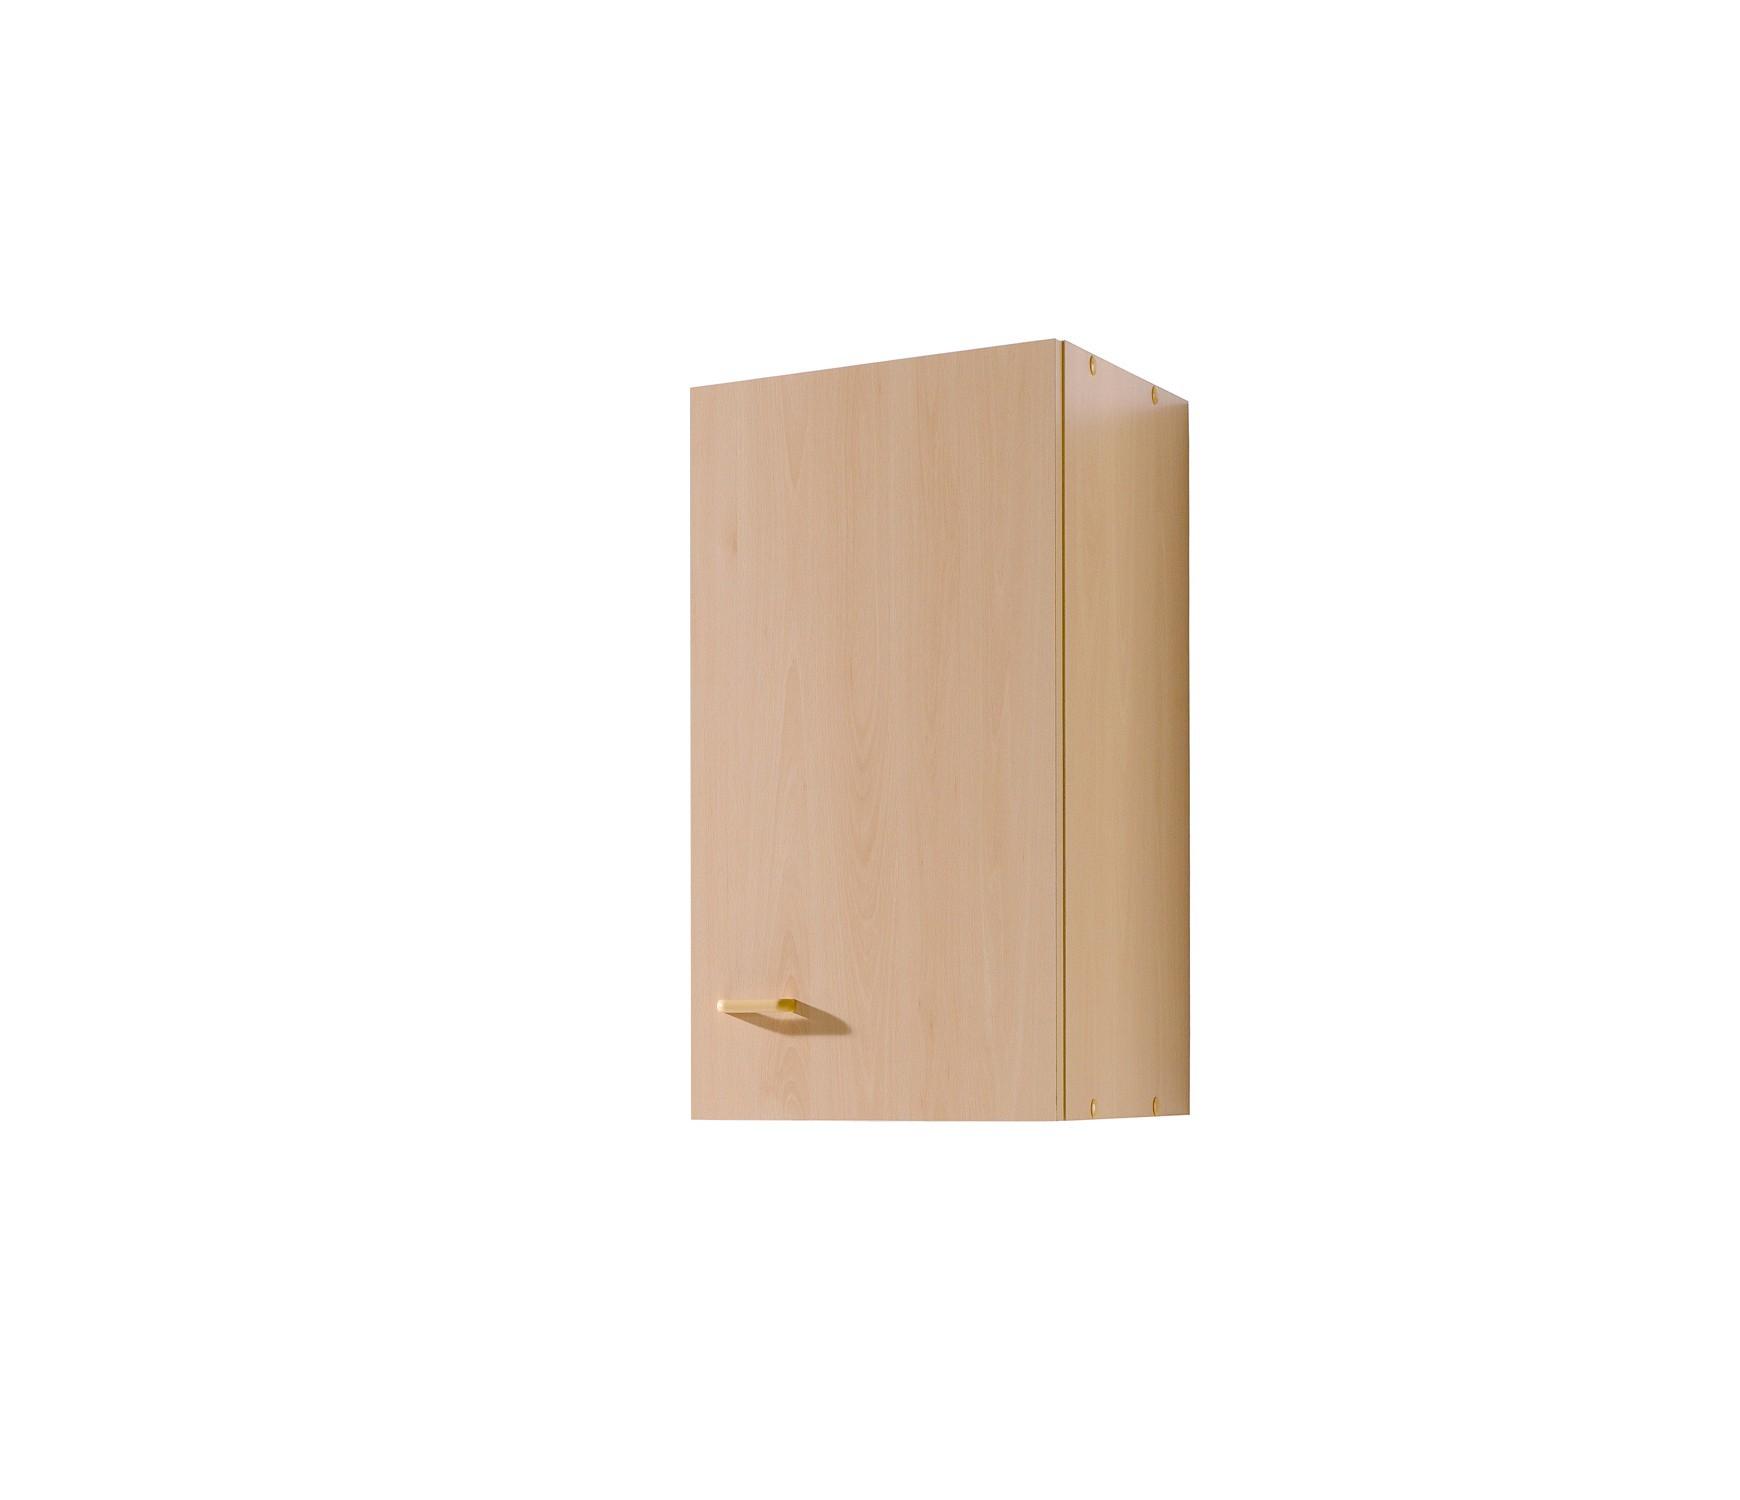 k chen h ngeschrank m nster mehrzweck k chenschrank oberschrank 1 t r 30cm buche ebay. Black Bedroom Furniture Sets. Home Design Ideas